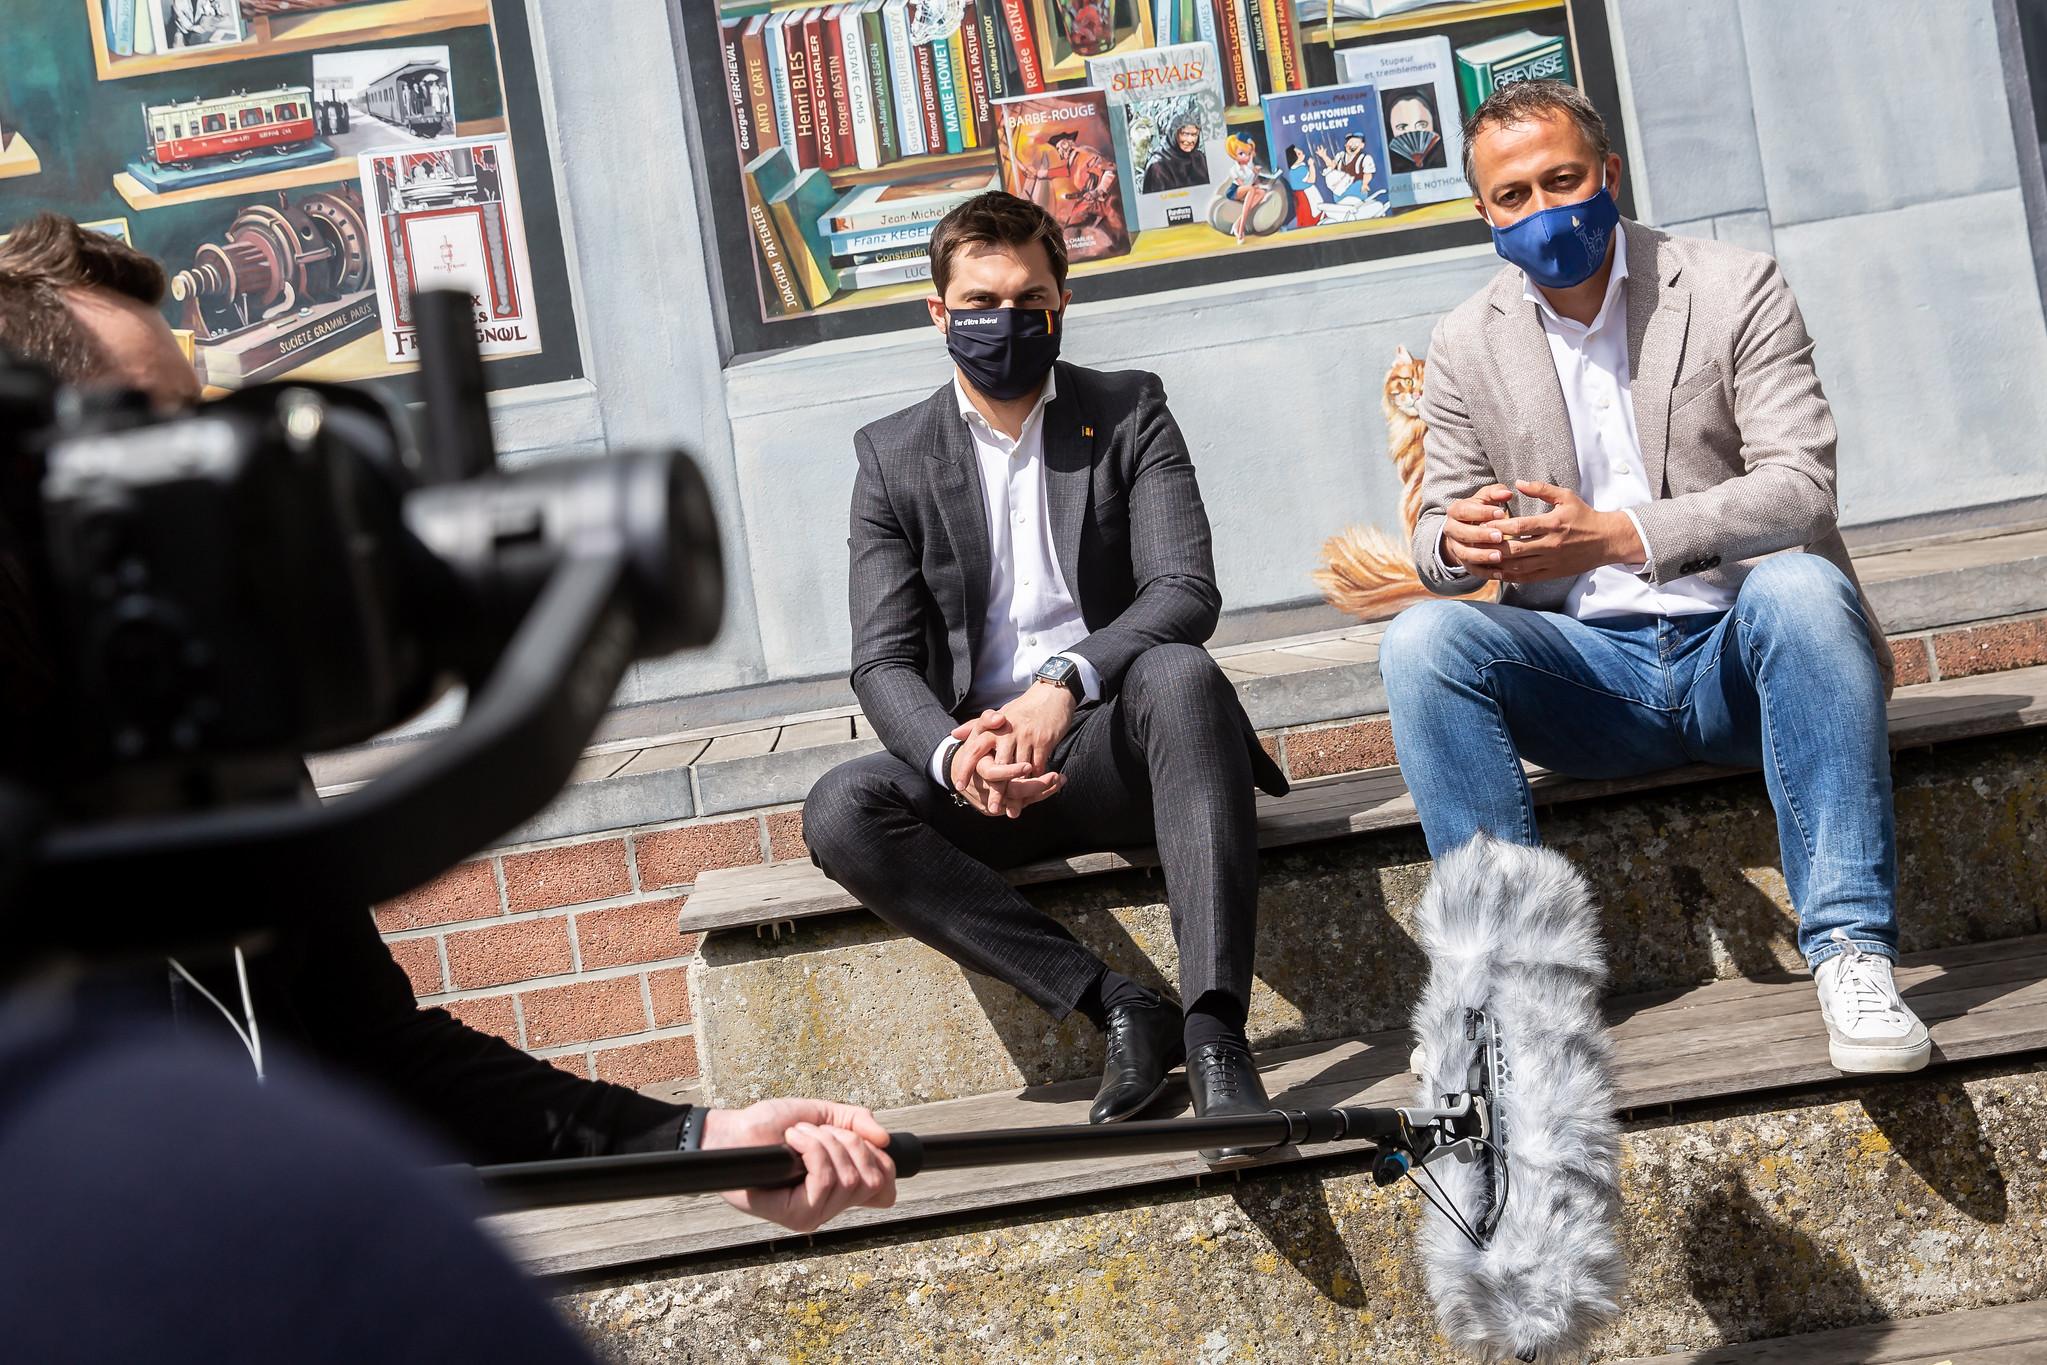 Première étape en Wallonie de la tournée libérale des présidents de l'Open VLD et du MR. La connexion libérale se renforce !